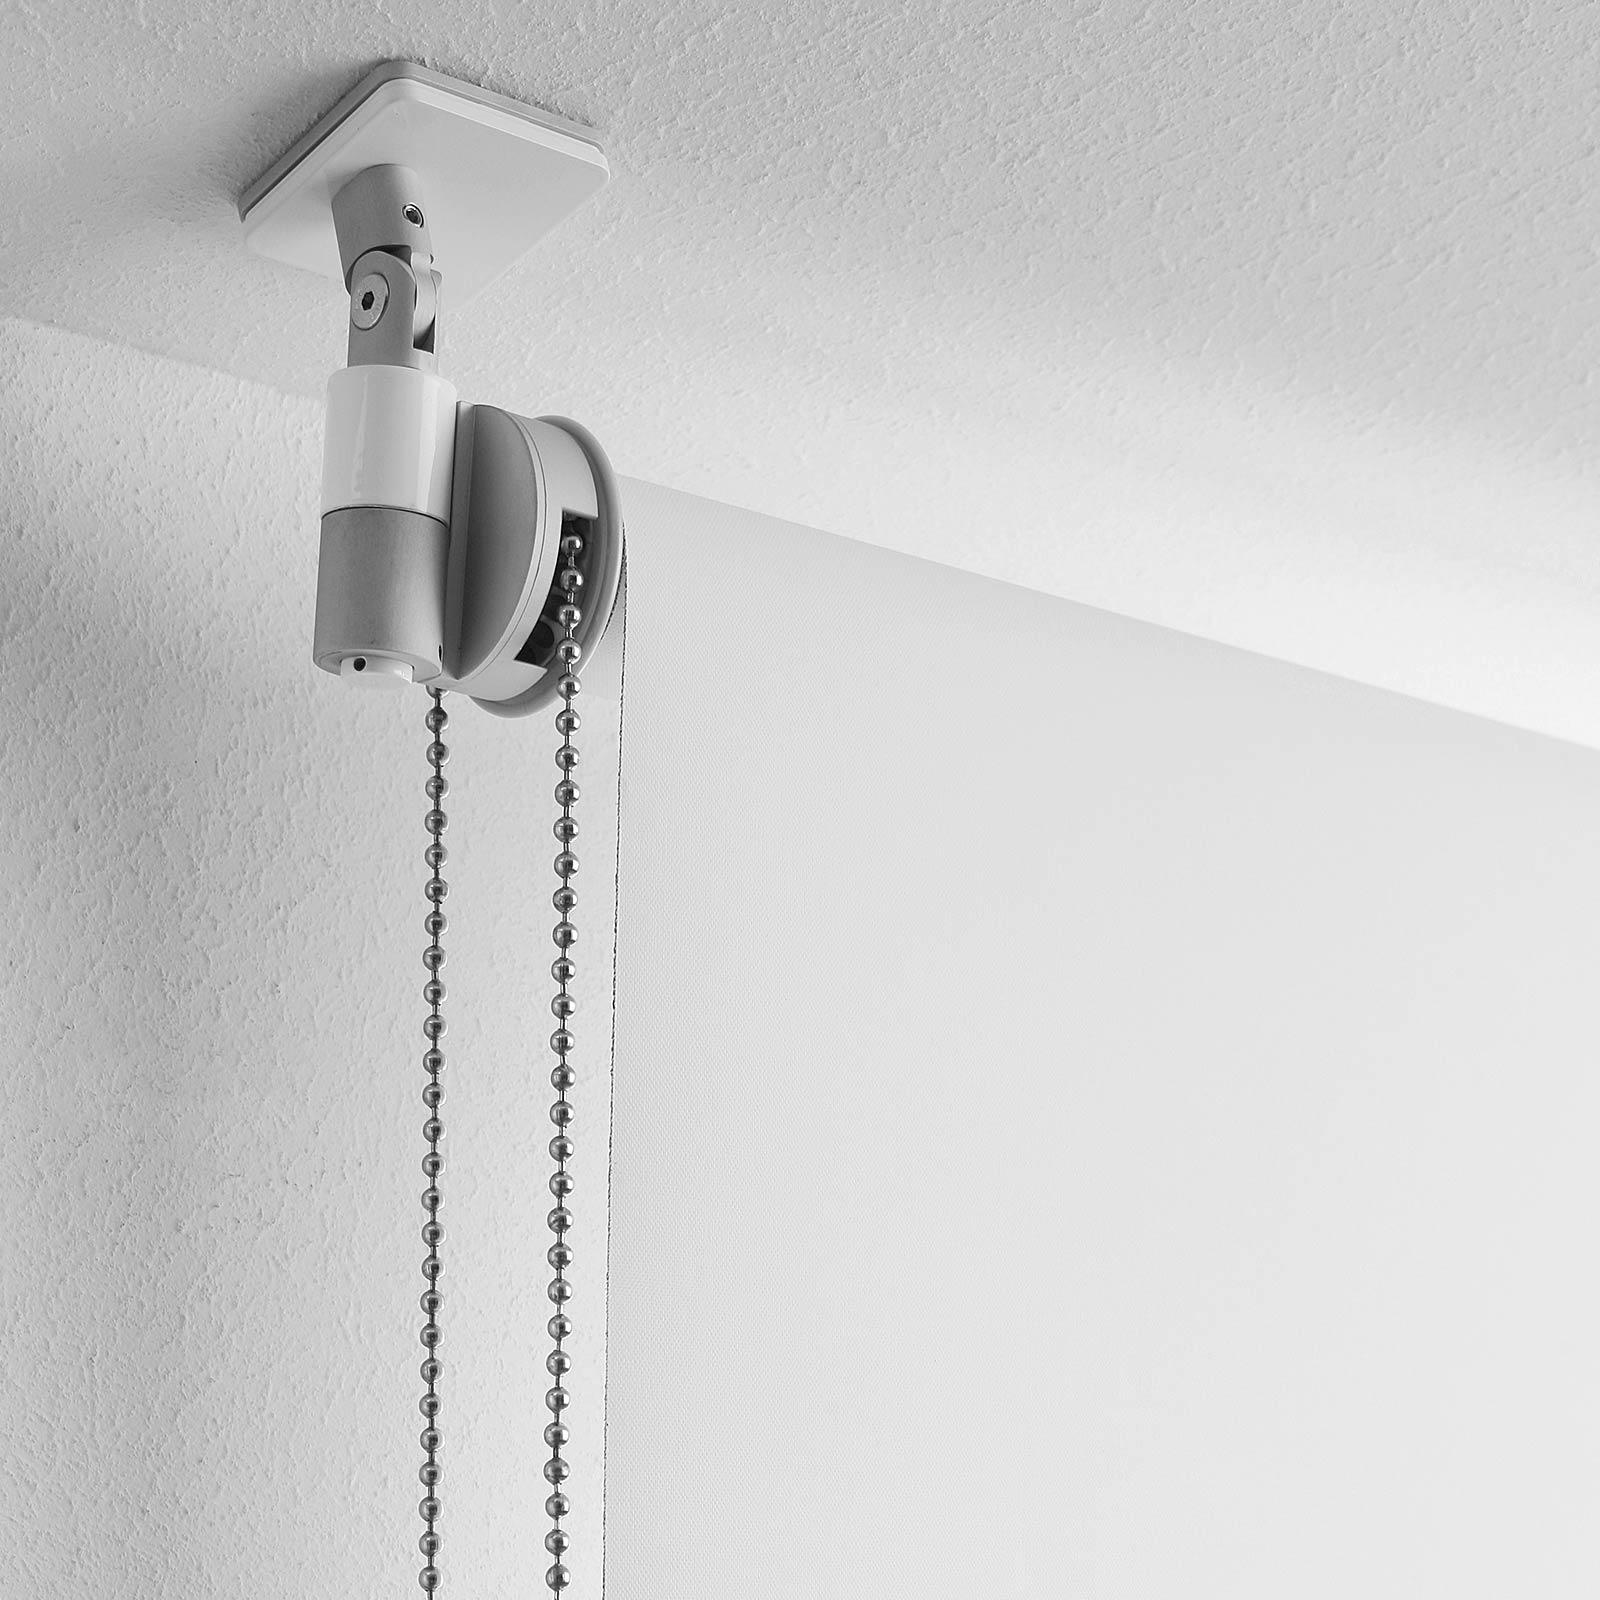 Flexy Top — A soffitto